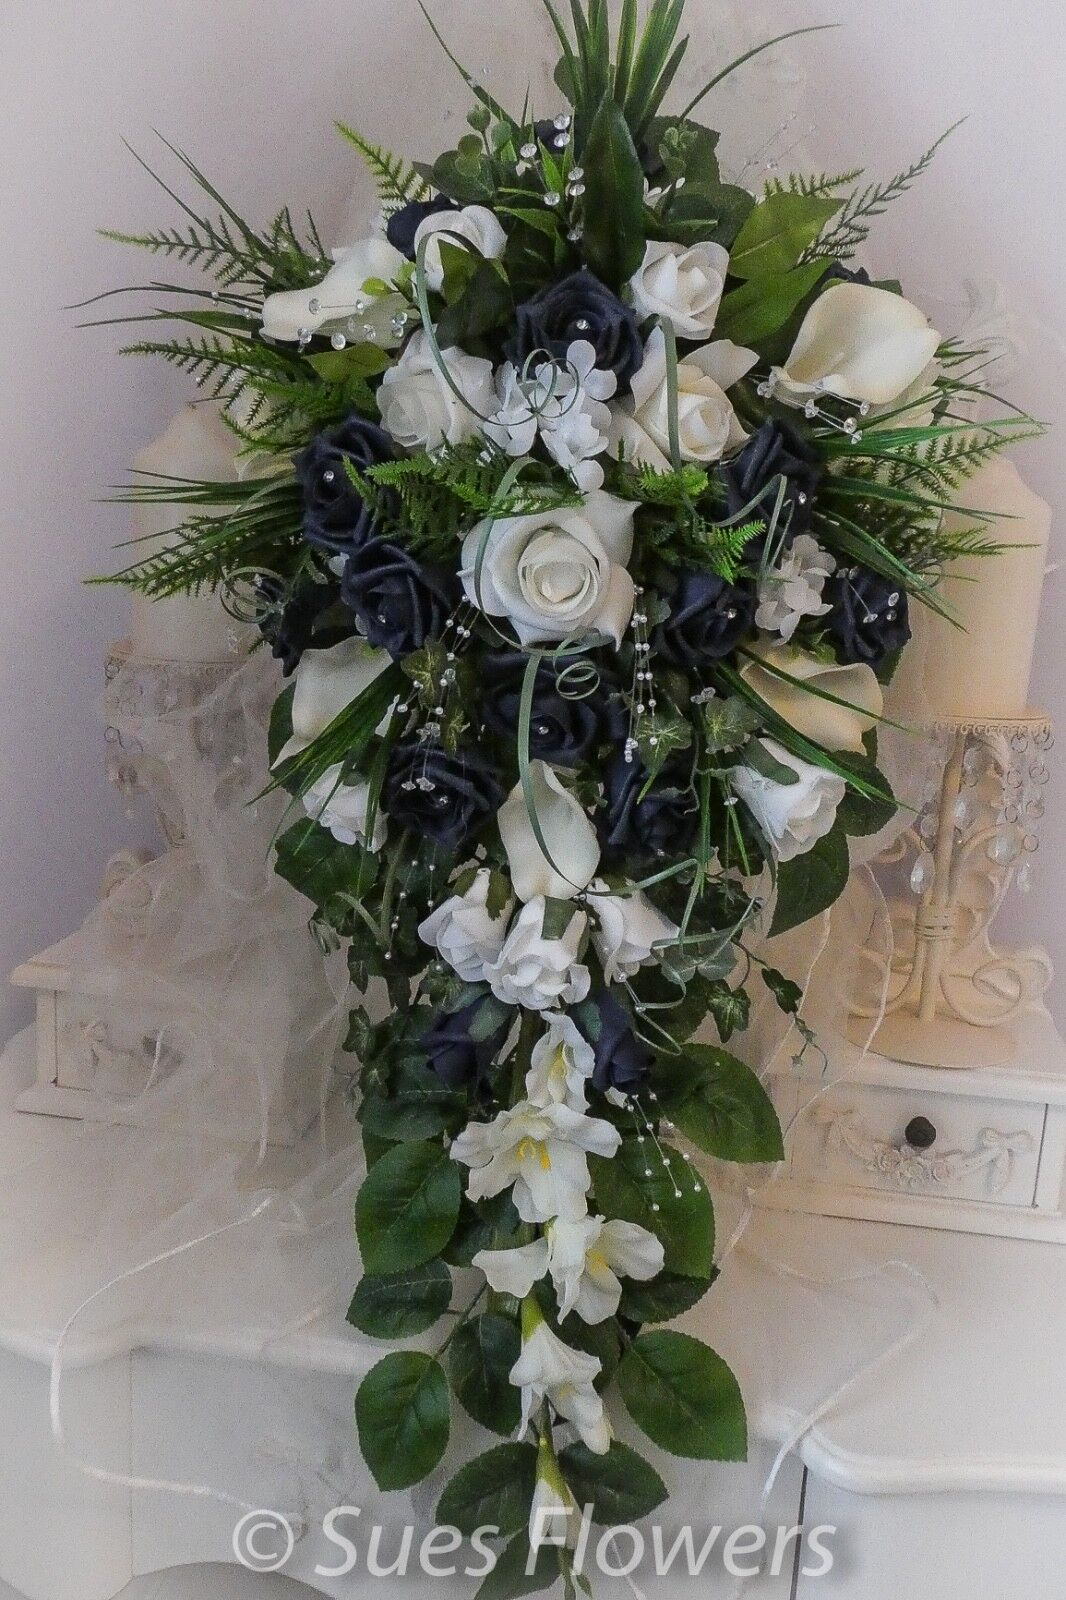 Mariage Fleurs Large Bridal Larme Bouquet dans bleu marine et ivoire